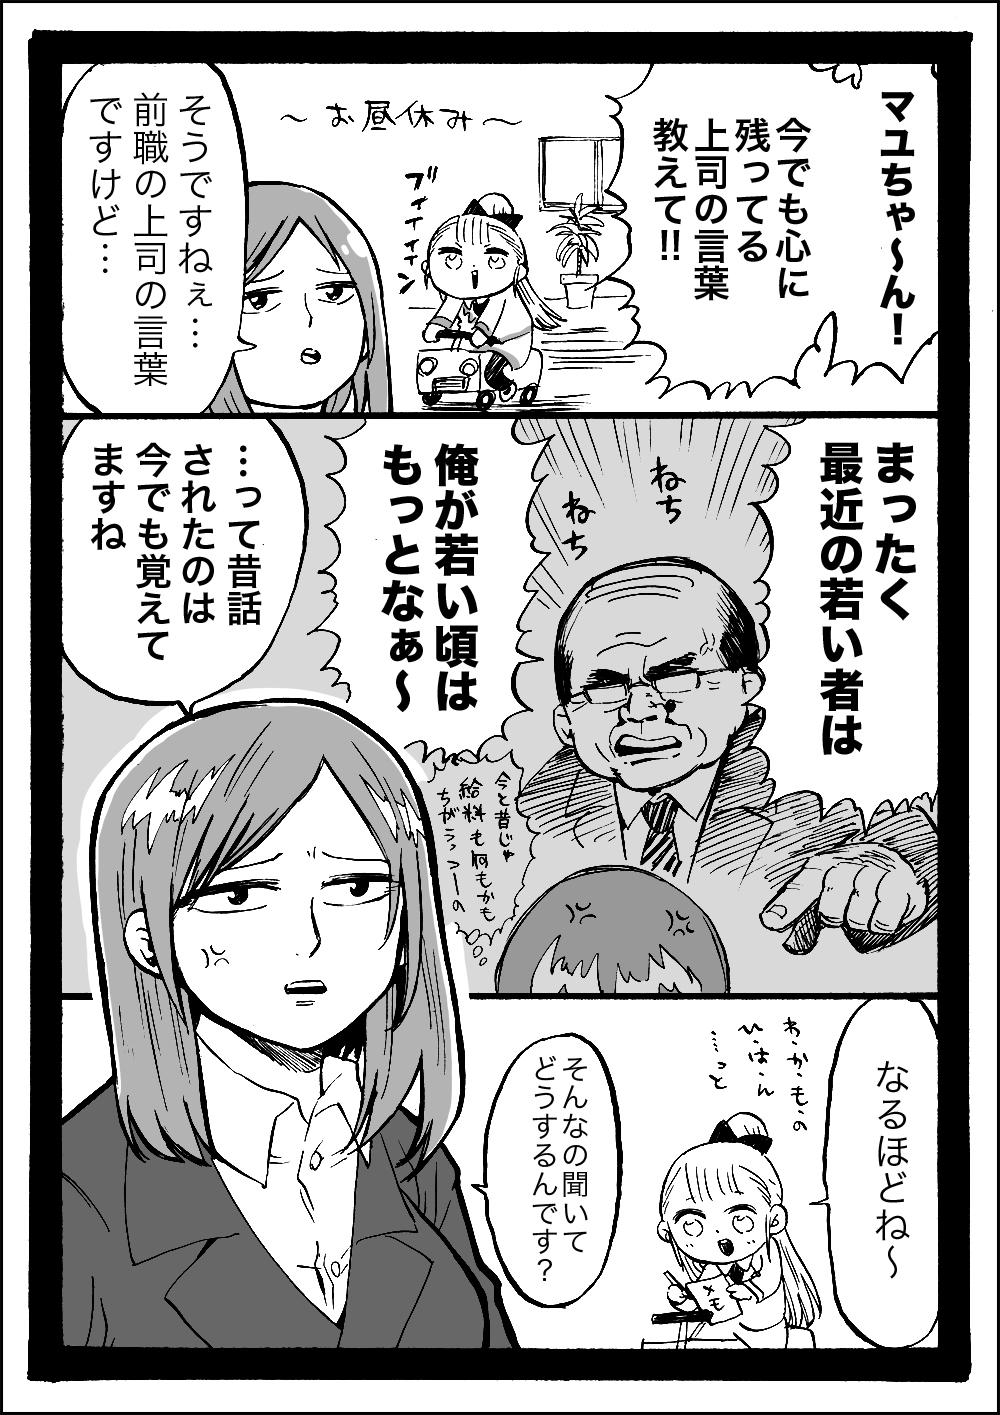 幼女社長(じょうしのめいげん(単行本収録))